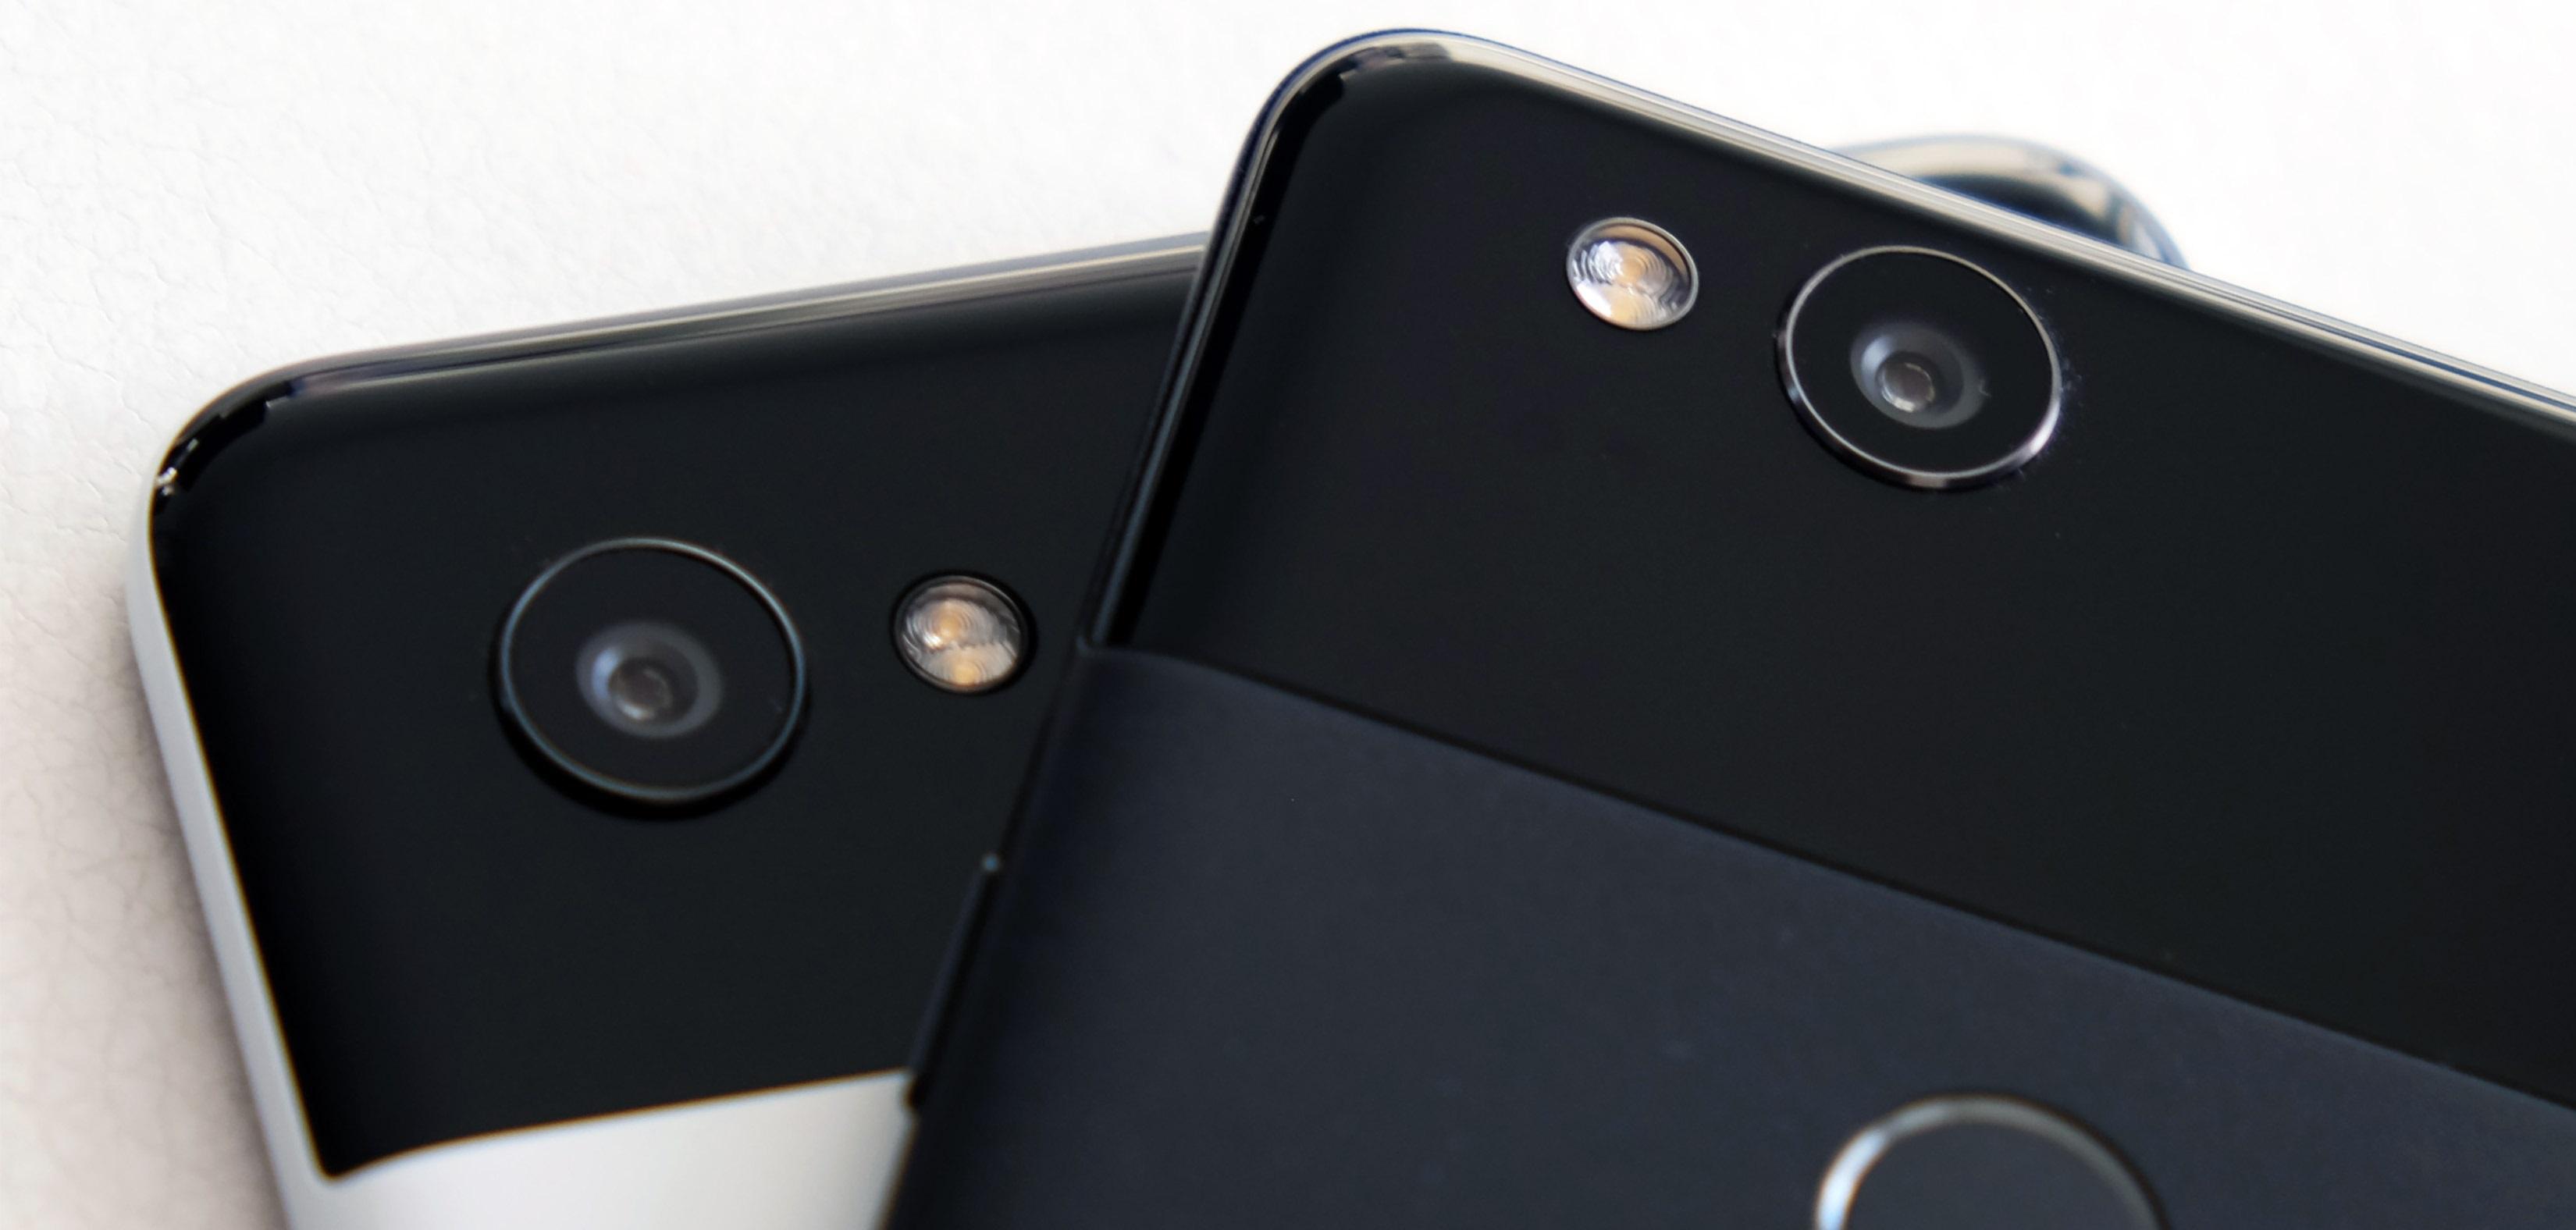 Camara del Pixel 3 XL